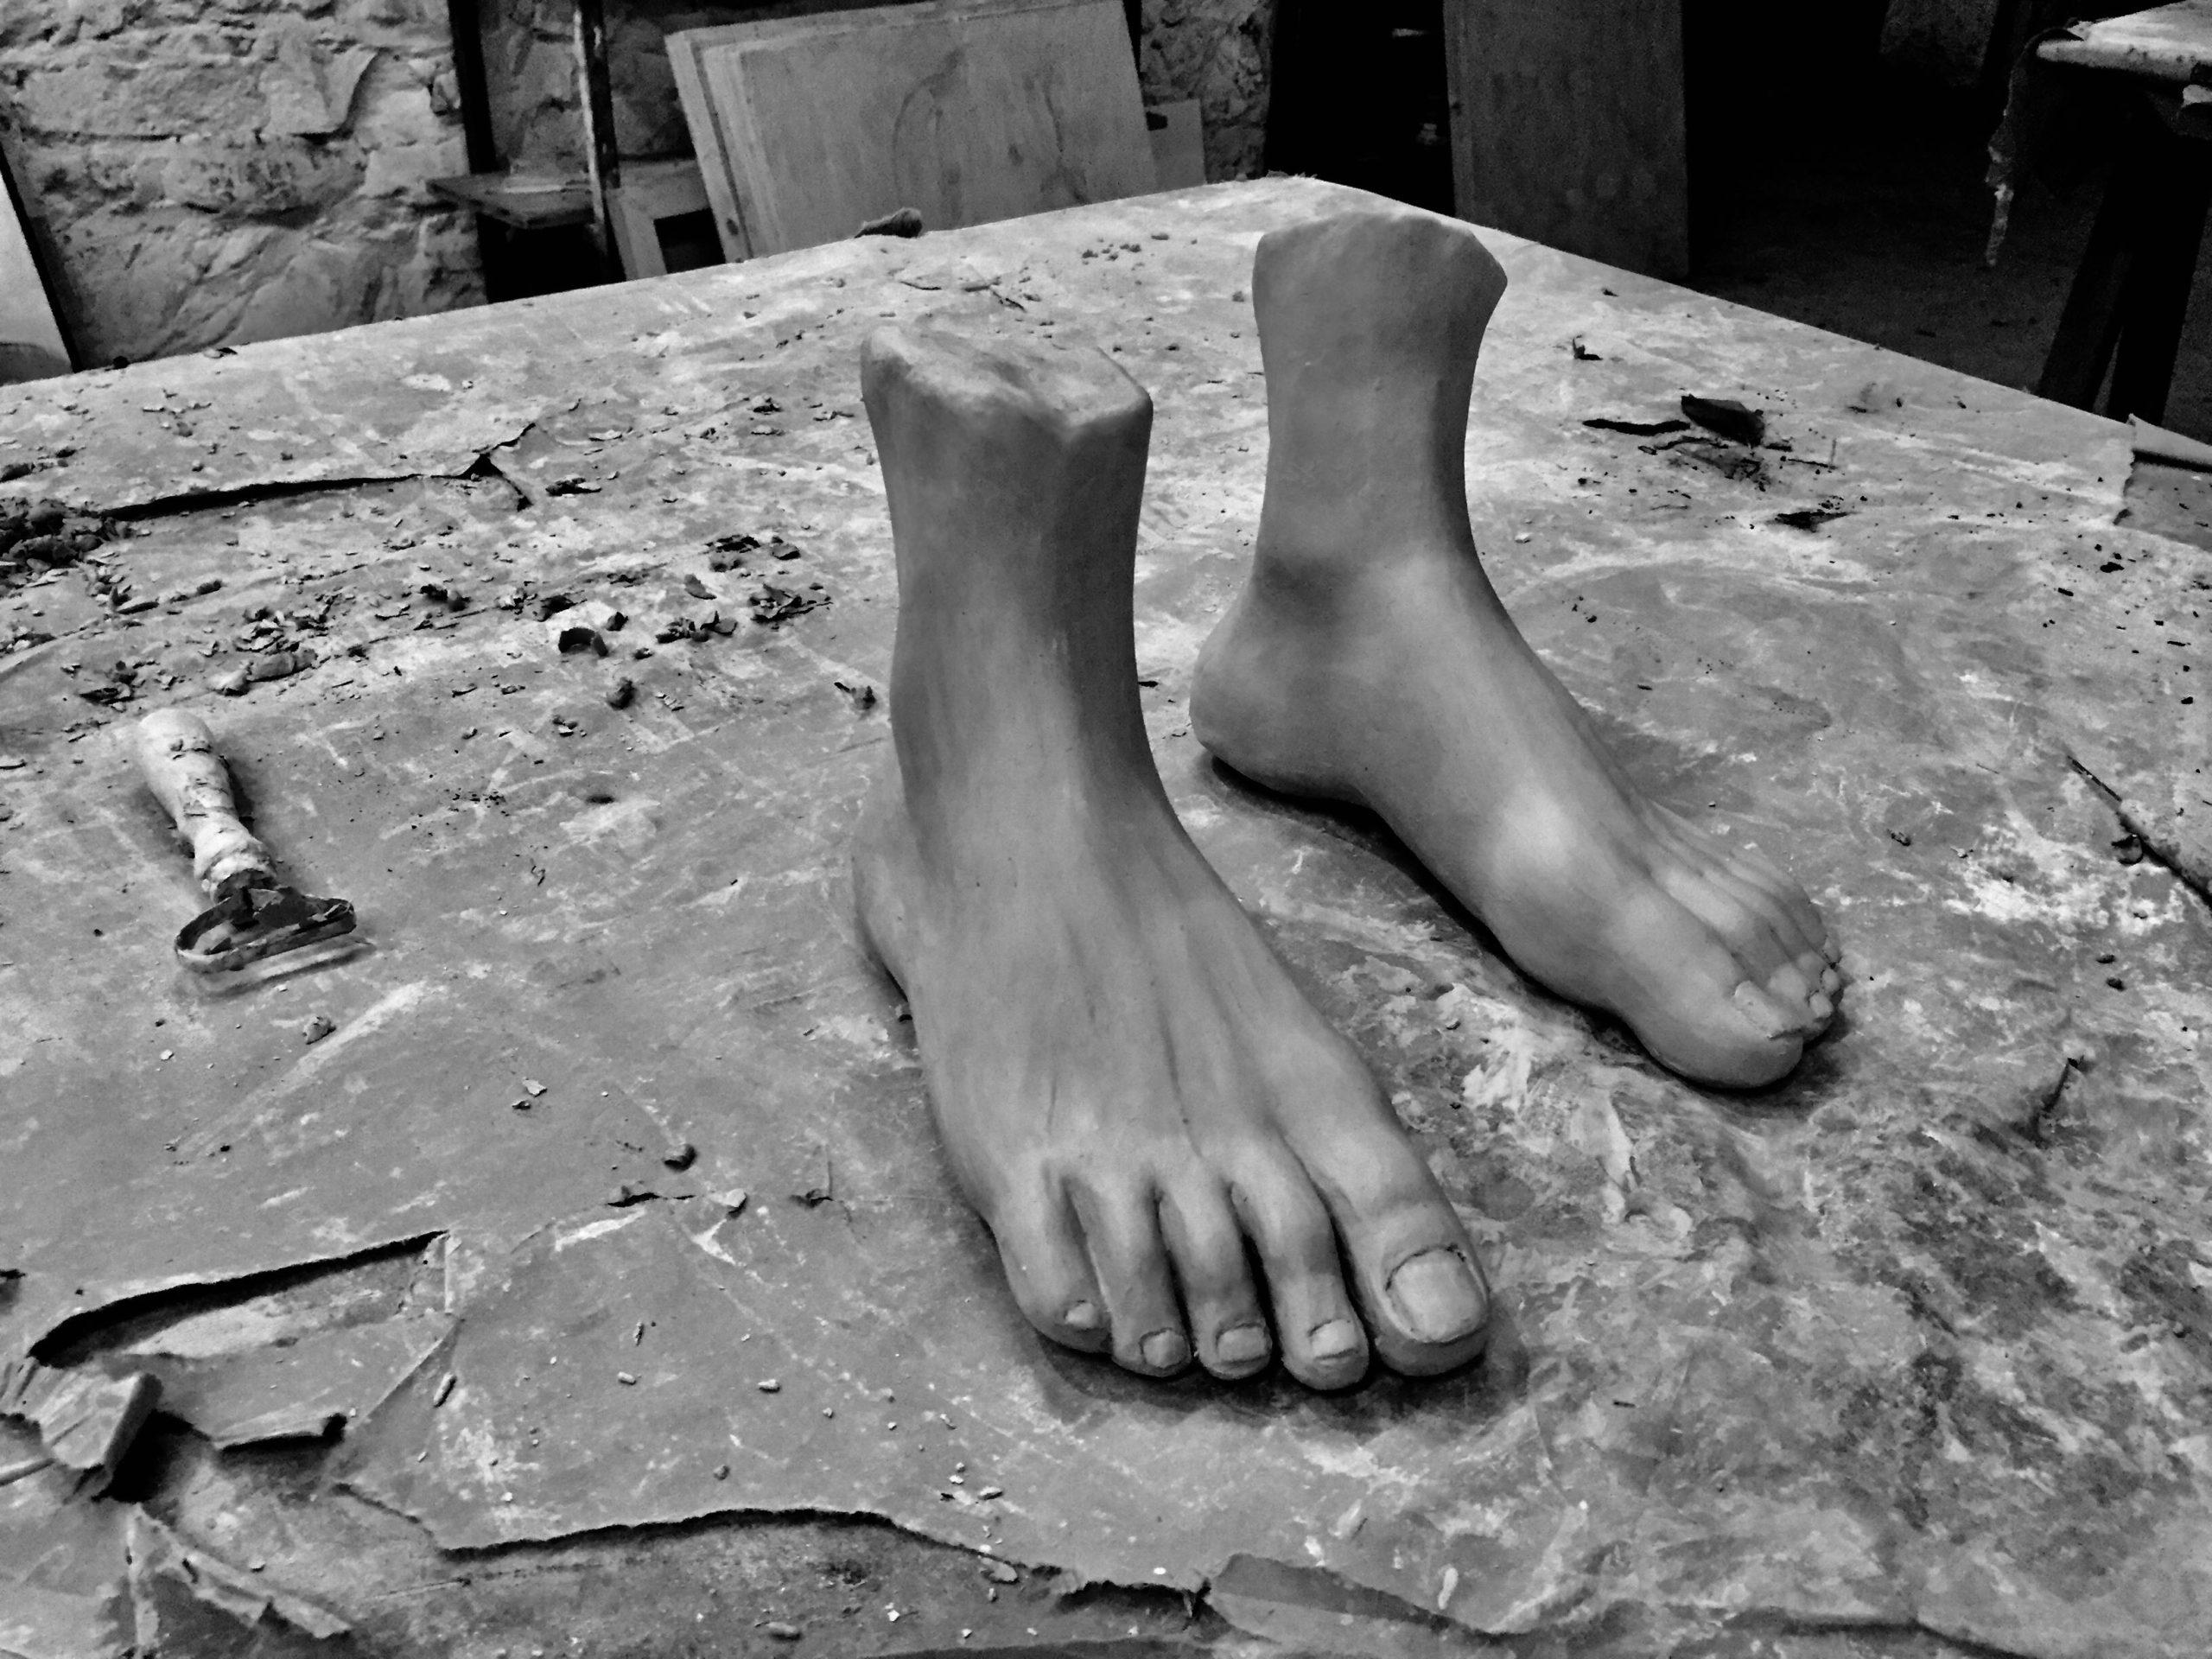 pieds-bd-3